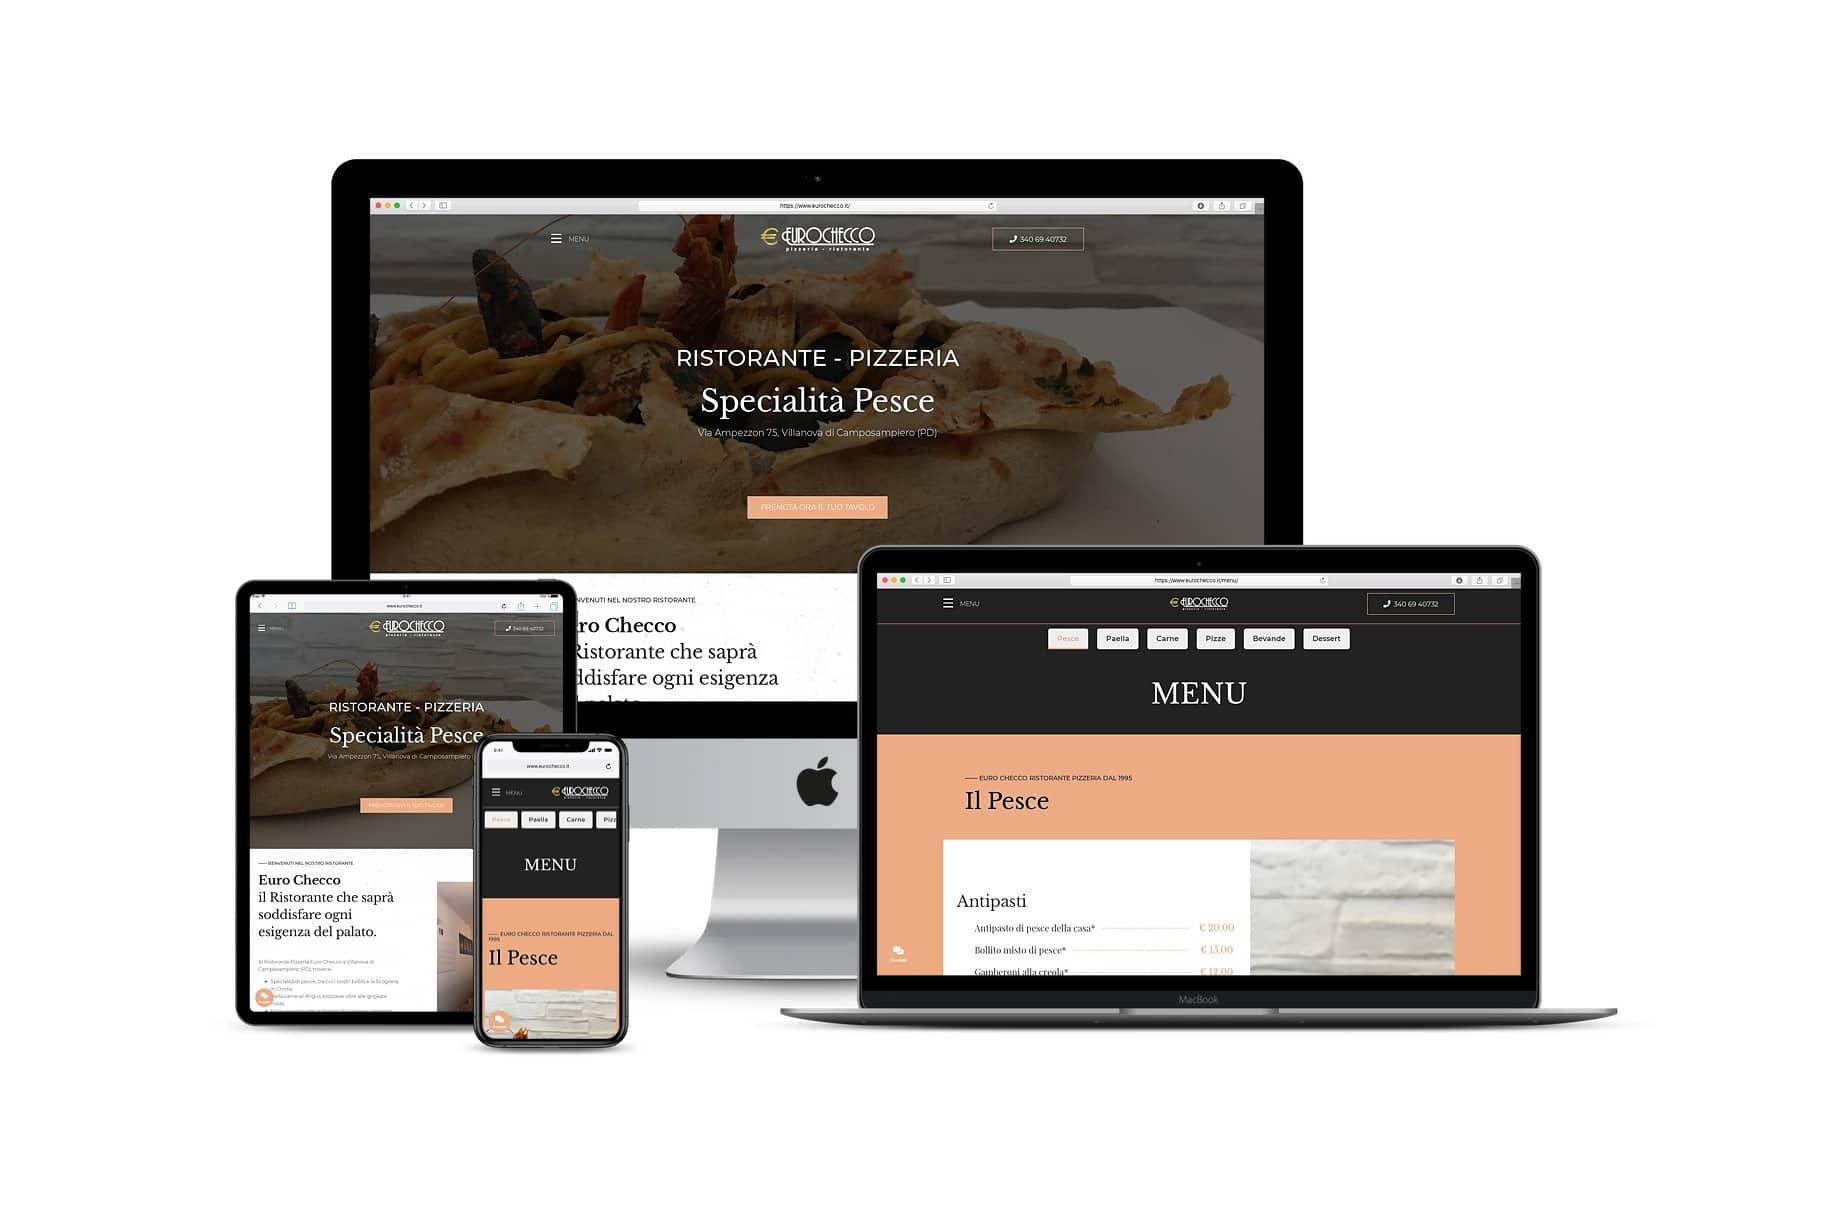 Sito Web ristorante pizzeriaLink: www.eurochecco.it